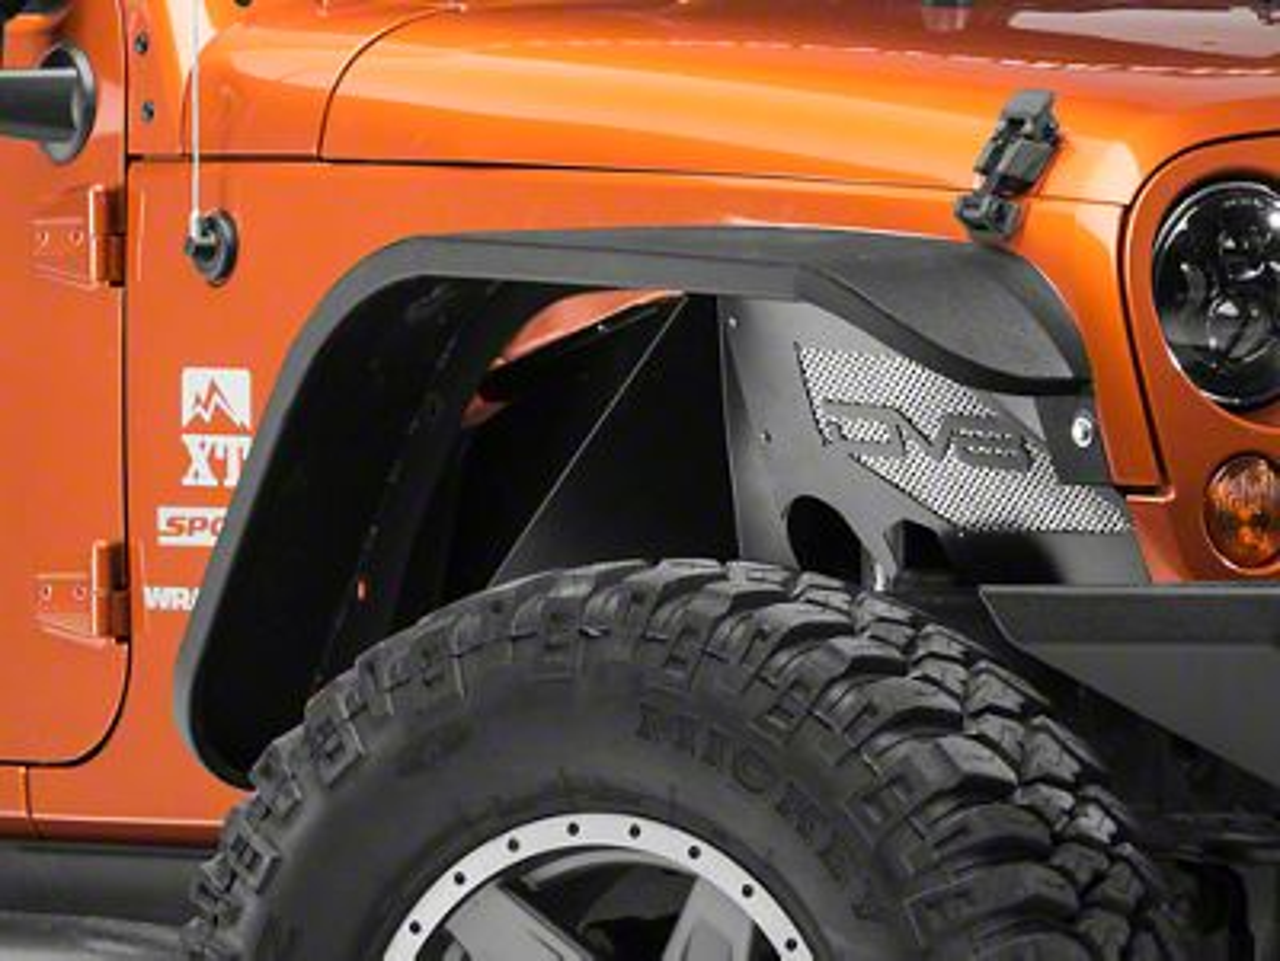 DV8 Off-Road Front & Rear Aluminum Inner Fender Flares - Black (07-18 Jeep Wrangler JK)